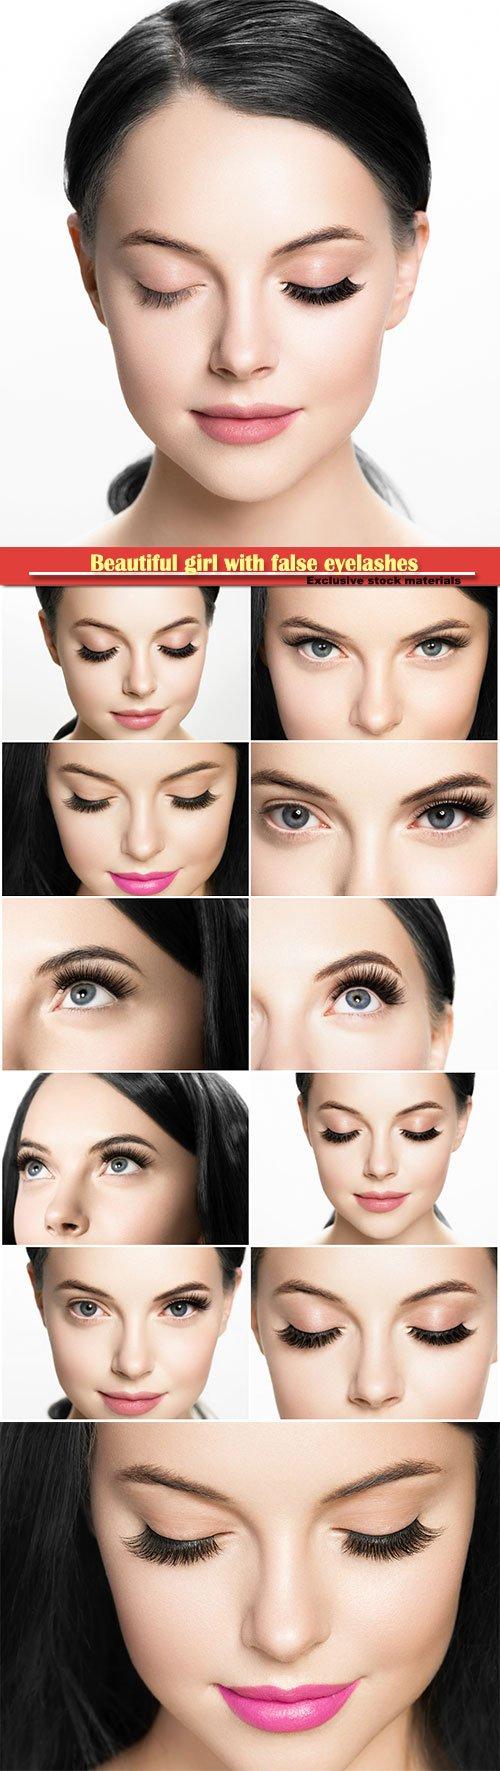 Beautiful girl with false eyelashes